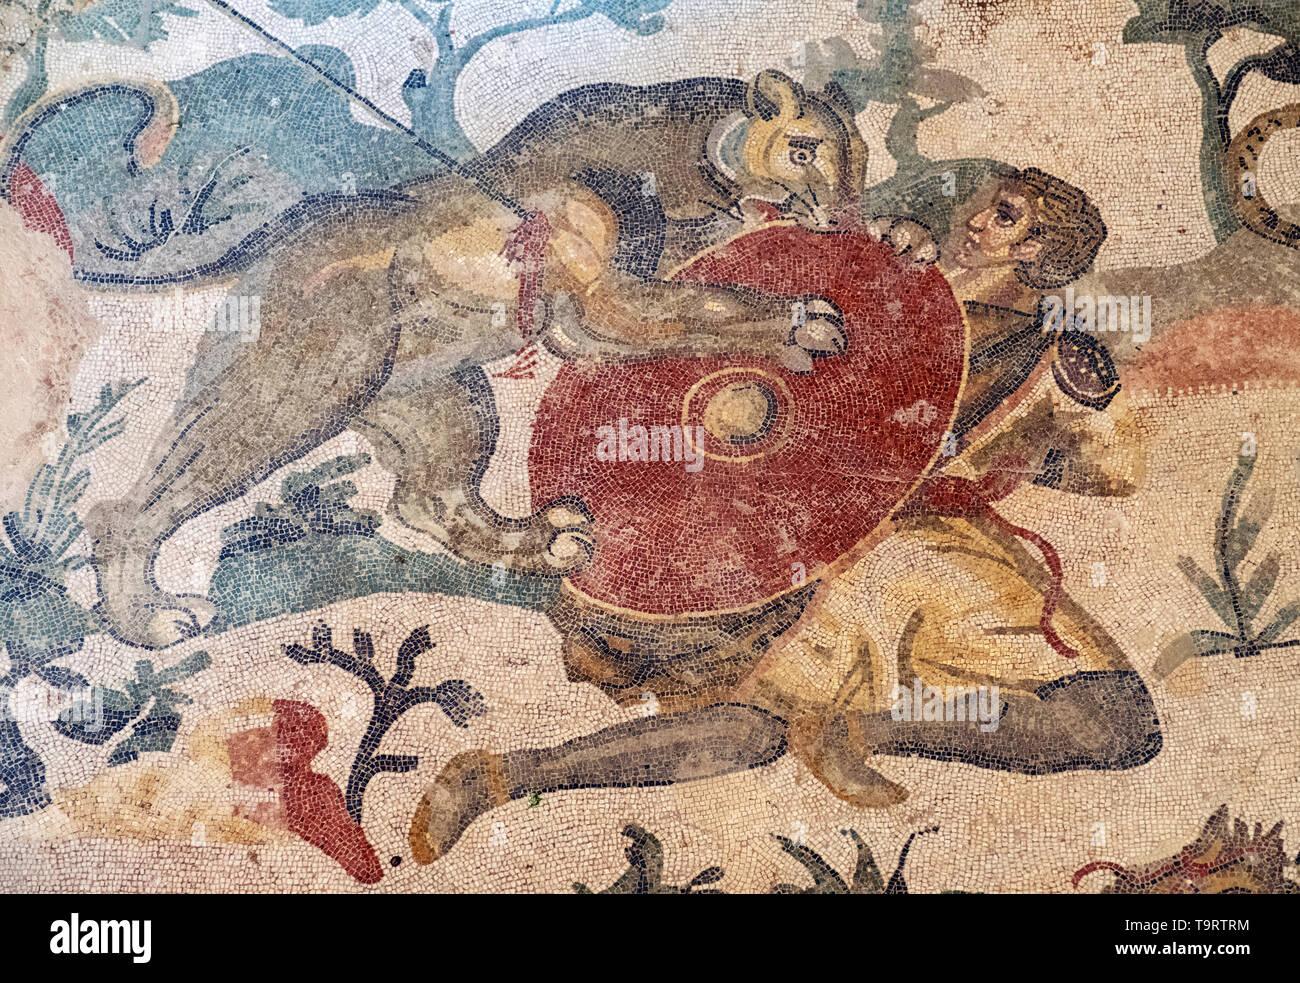 A lioness attacks a hunter on the Great Hunt Roman mosaic in the Villa Romana del Casale, Piazza Armerina, Sicily, Italy. - Stock Image